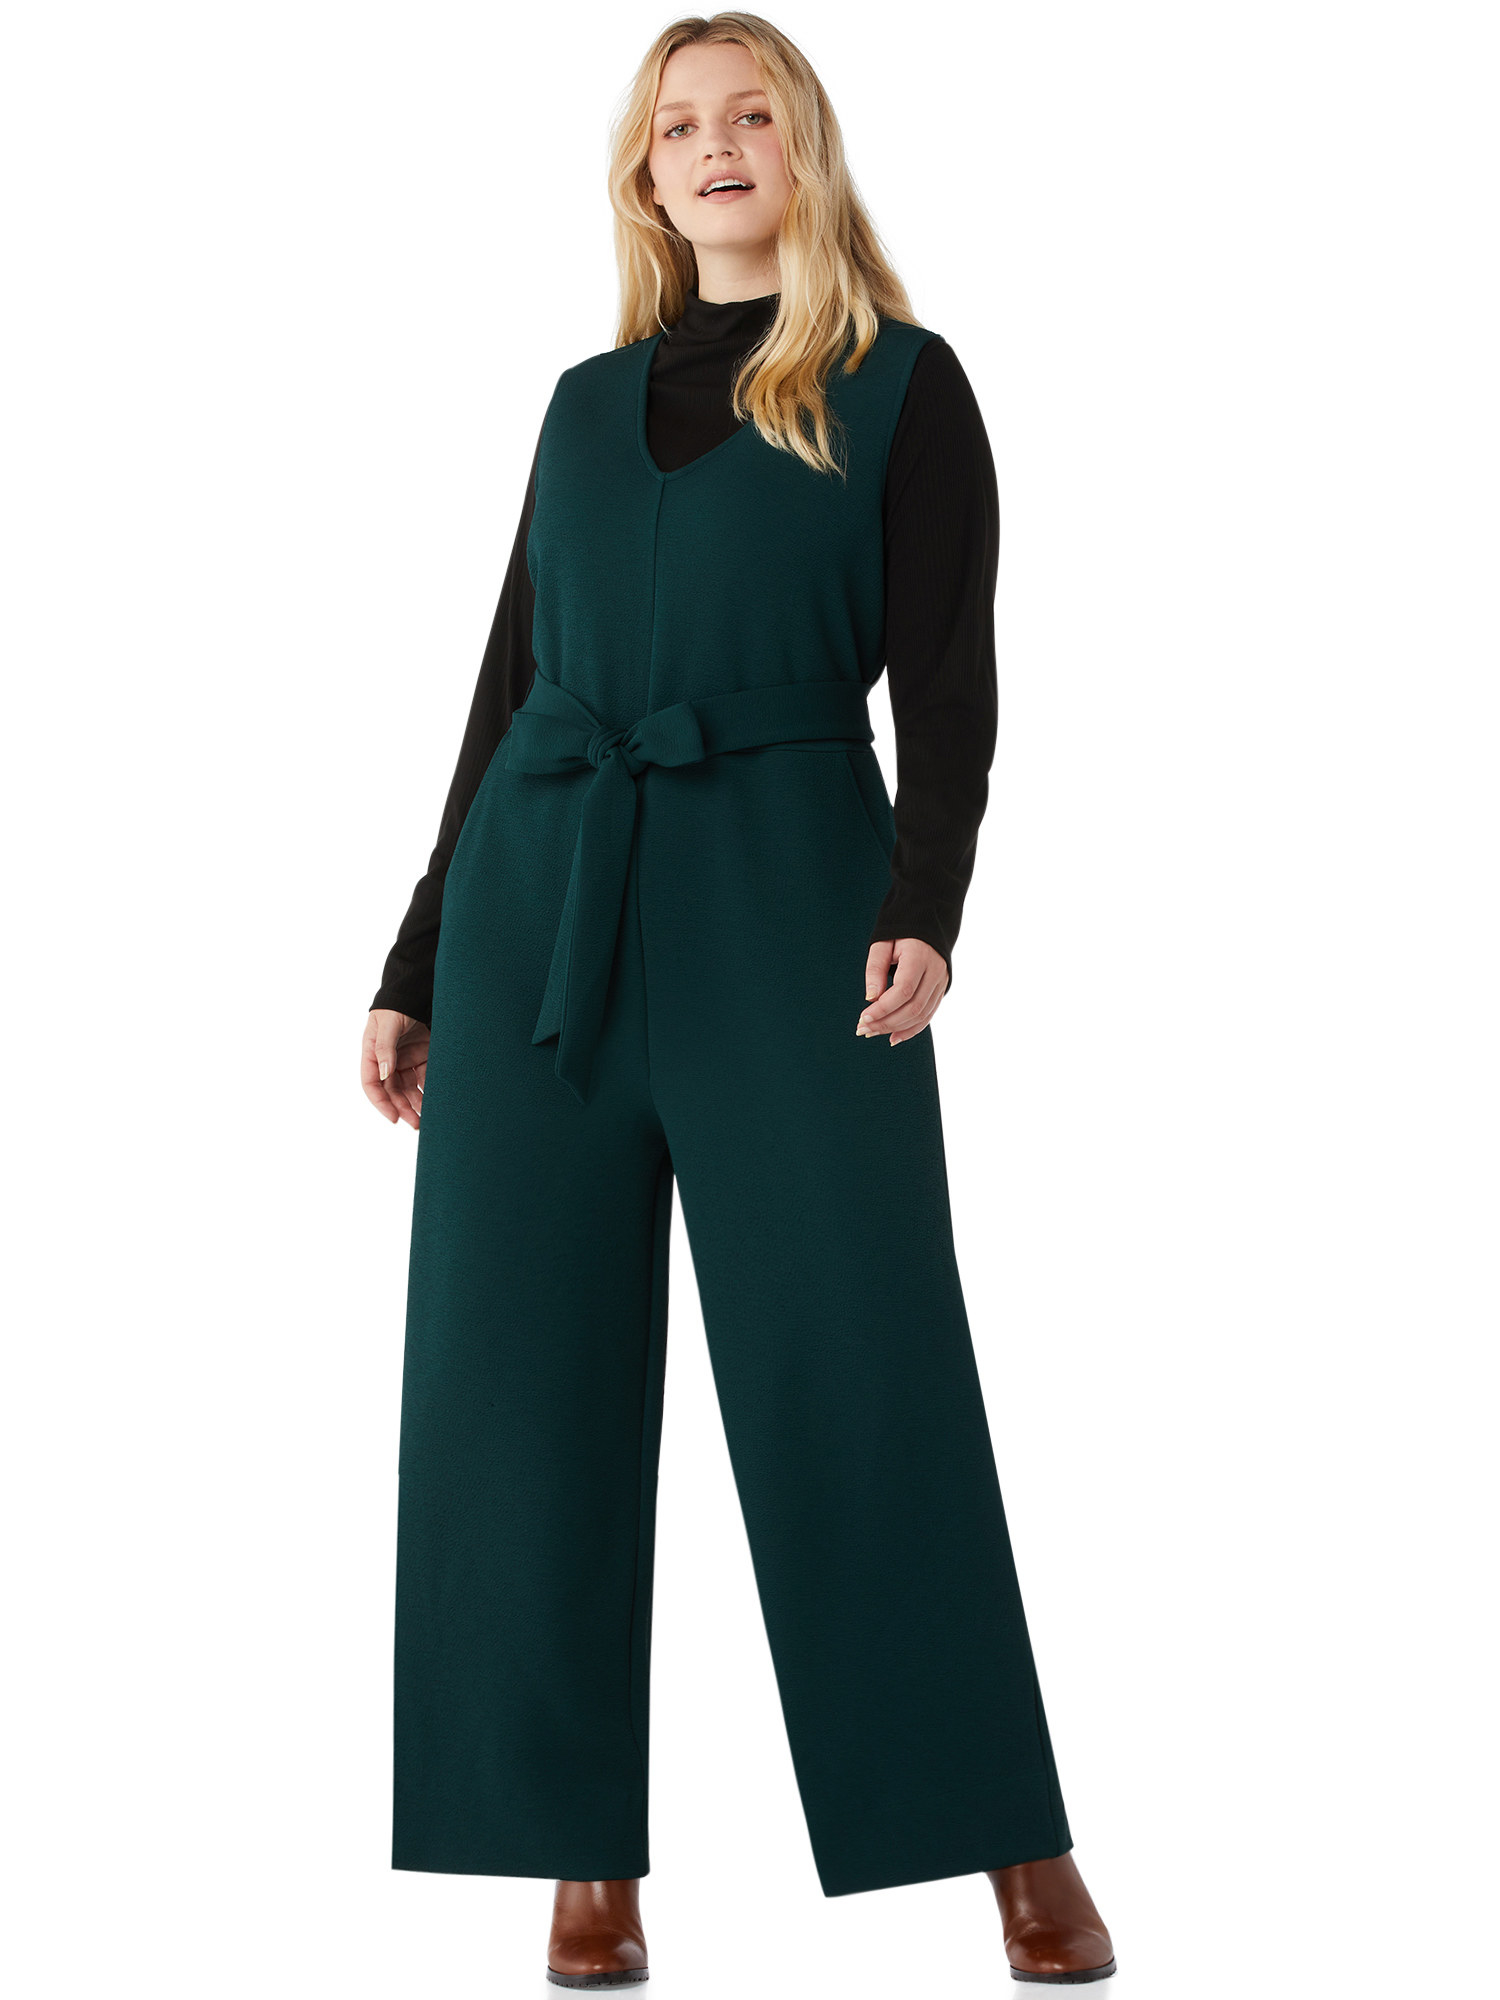 Model wearing a green jumpsuit